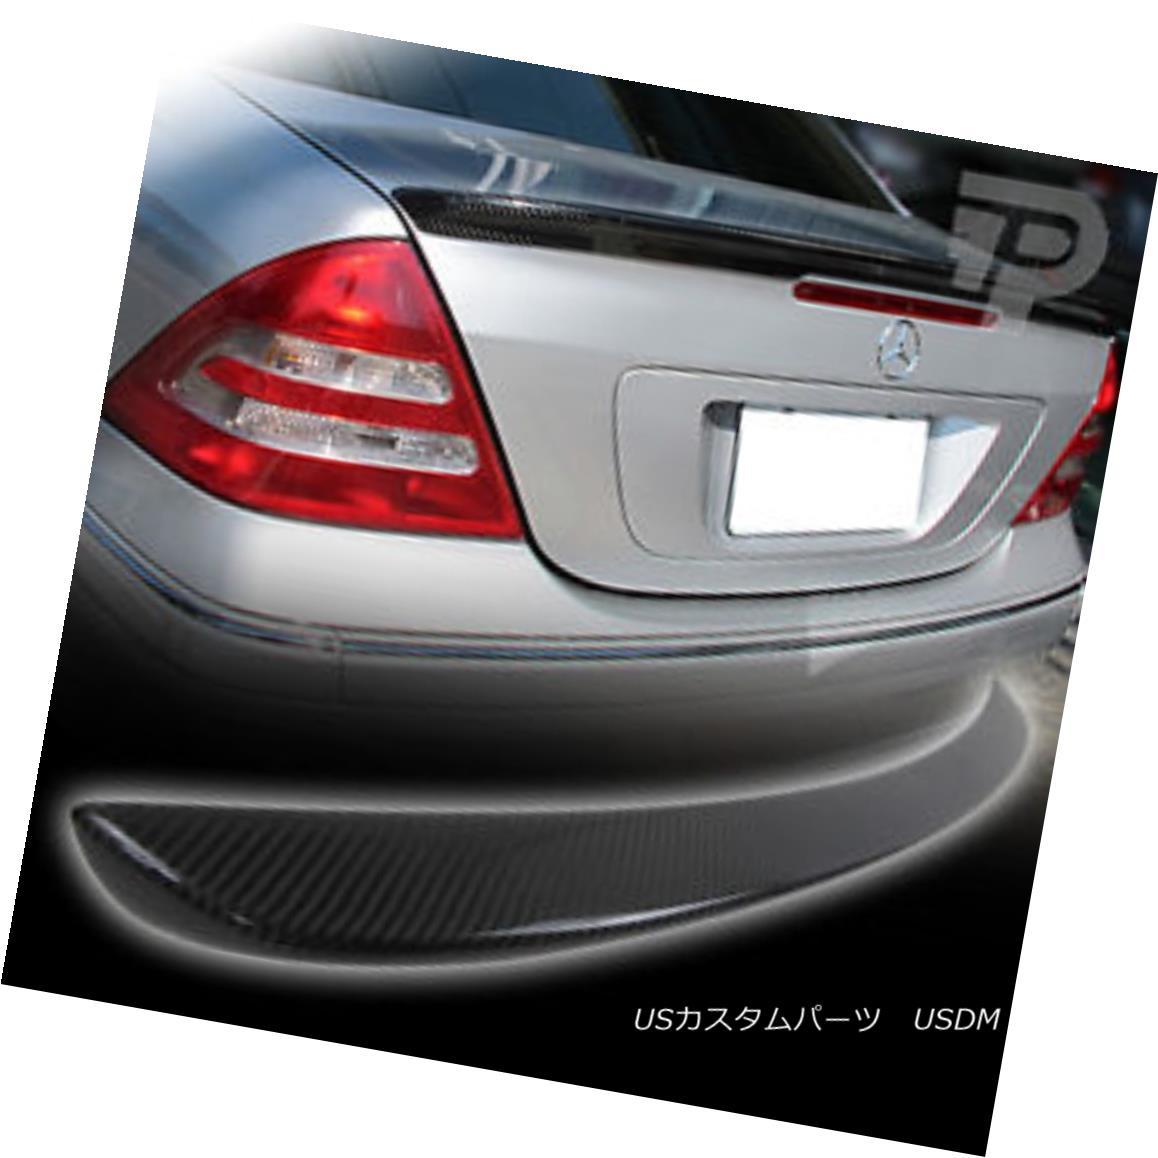 エアロパーツ CARBON FIBER Mercedes BENZ C CLASS W203 A TYPE BOOT TRUNK SPOILER 01+▼ カーボンファイバーメルセデスベンツCクラスW203タイプブーツトランクスポーラー01+?